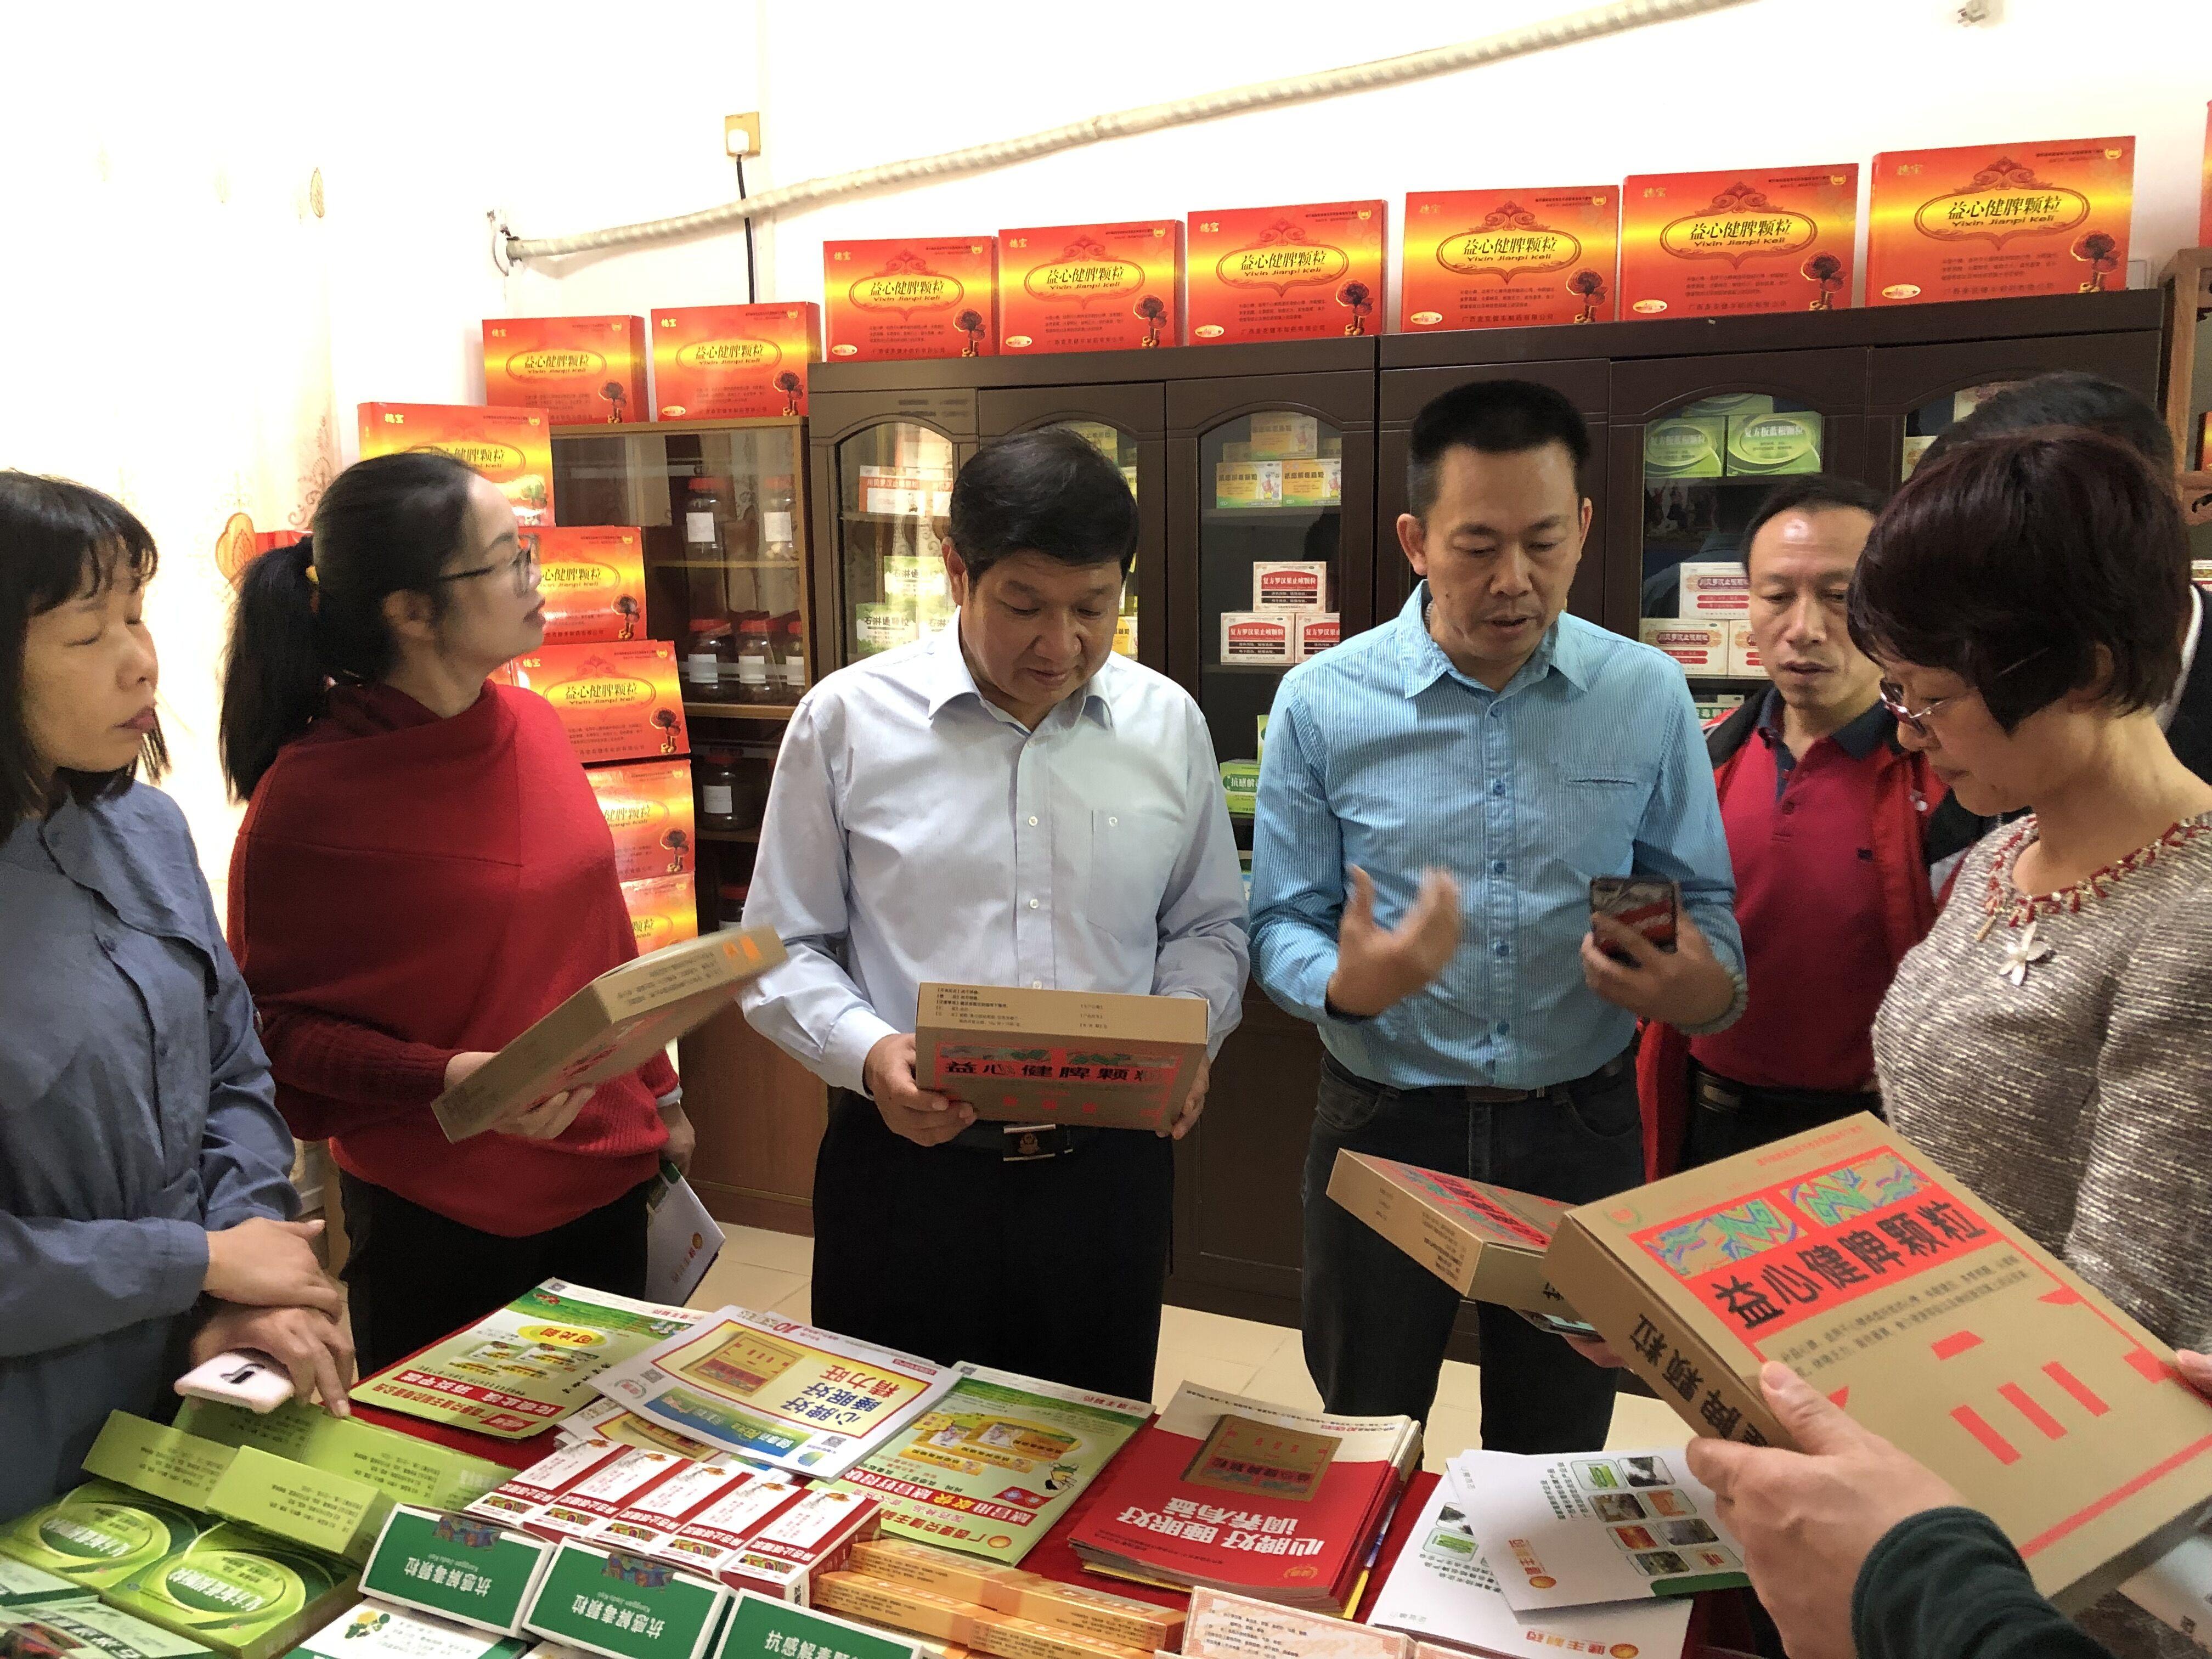 自治区政协领导开展民族贸易和民品企业发展调研12